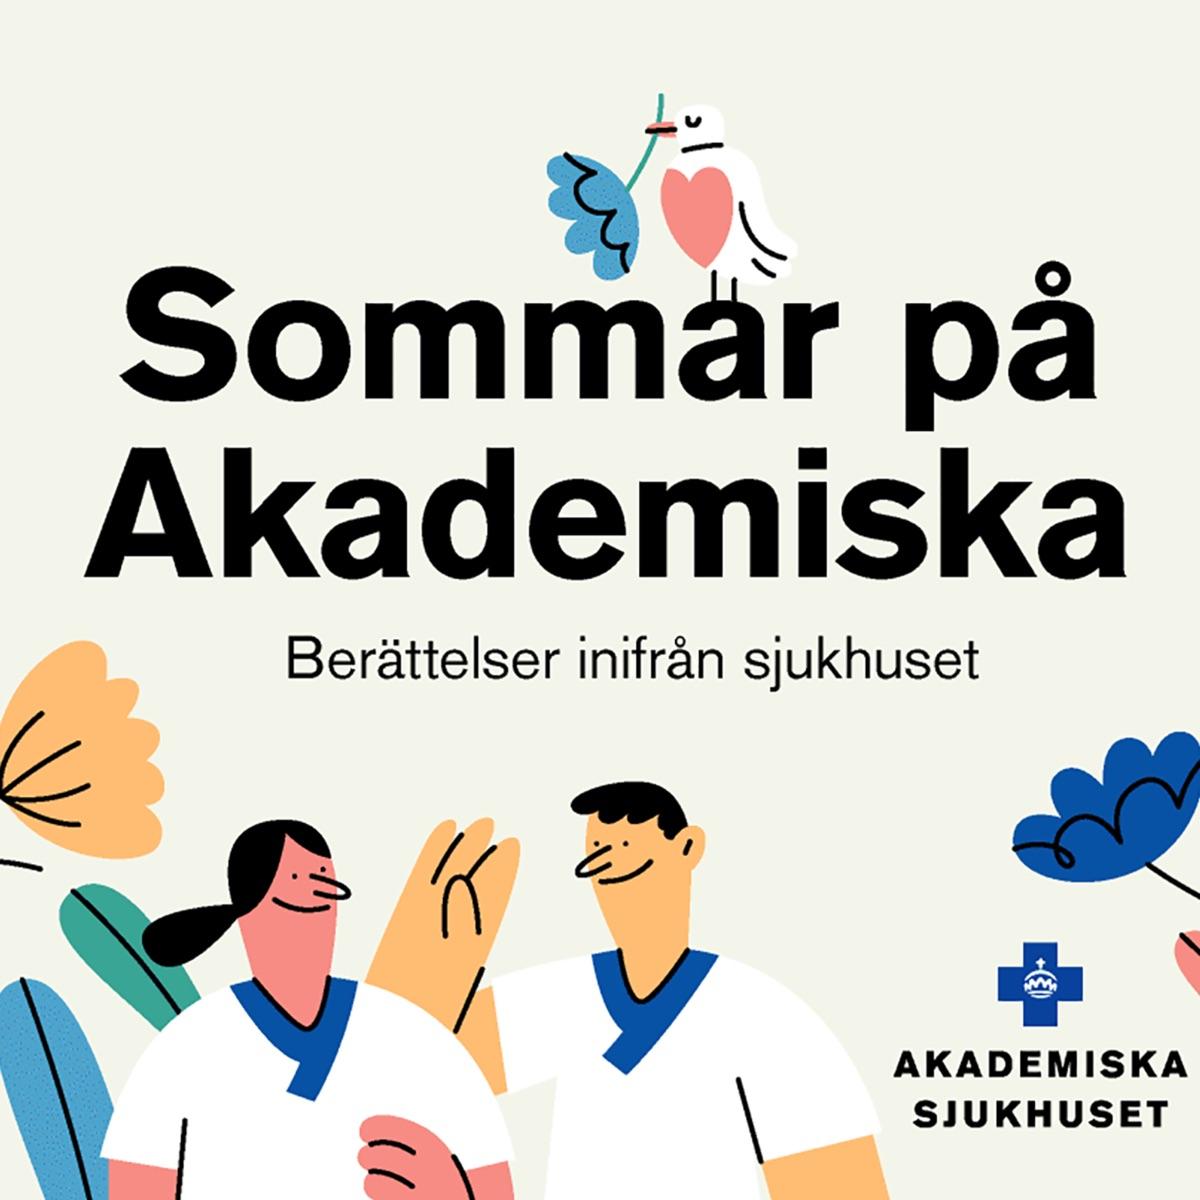 Sommar på Akademiska